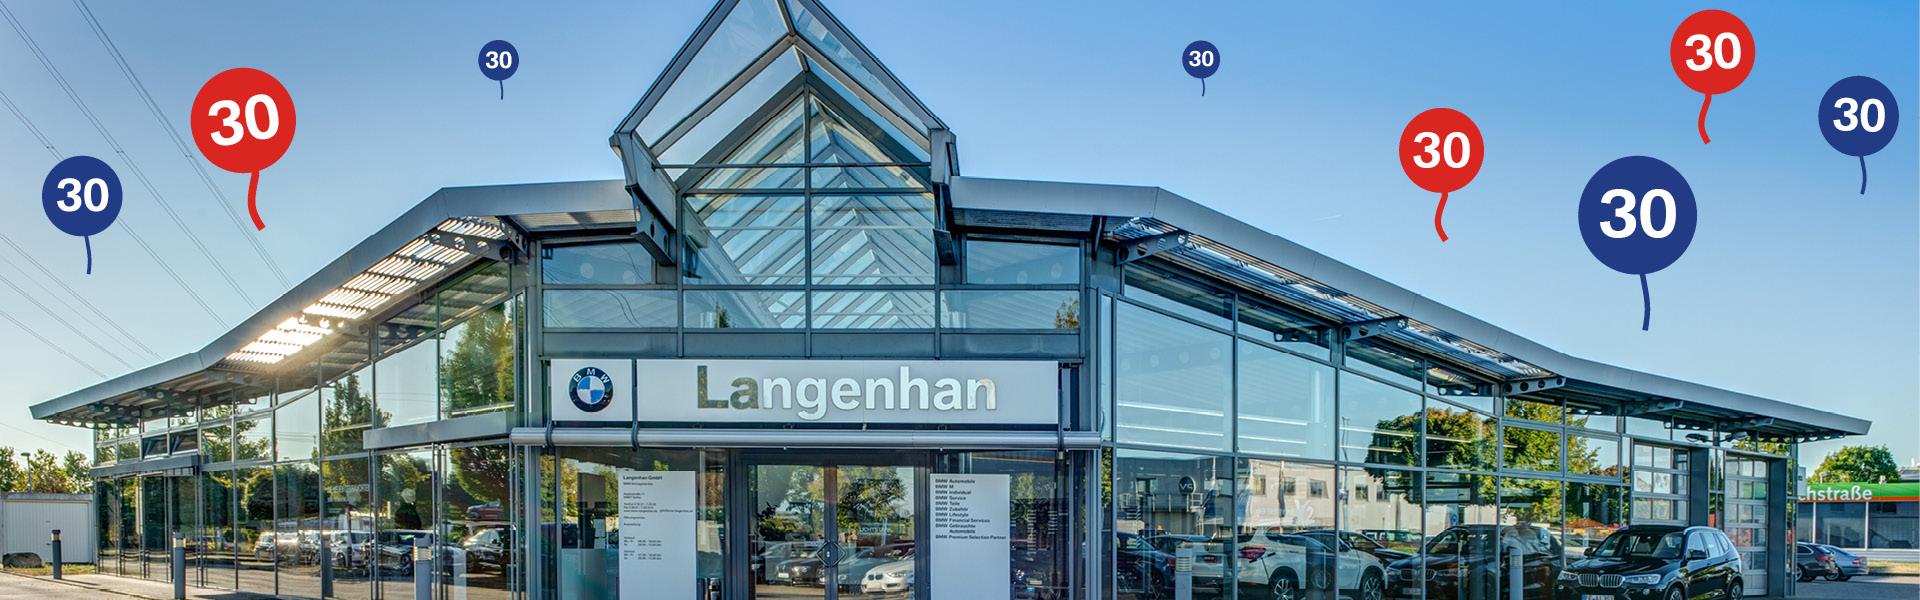 30_Jahre_Langenhan-banner-h-2021-08-v1